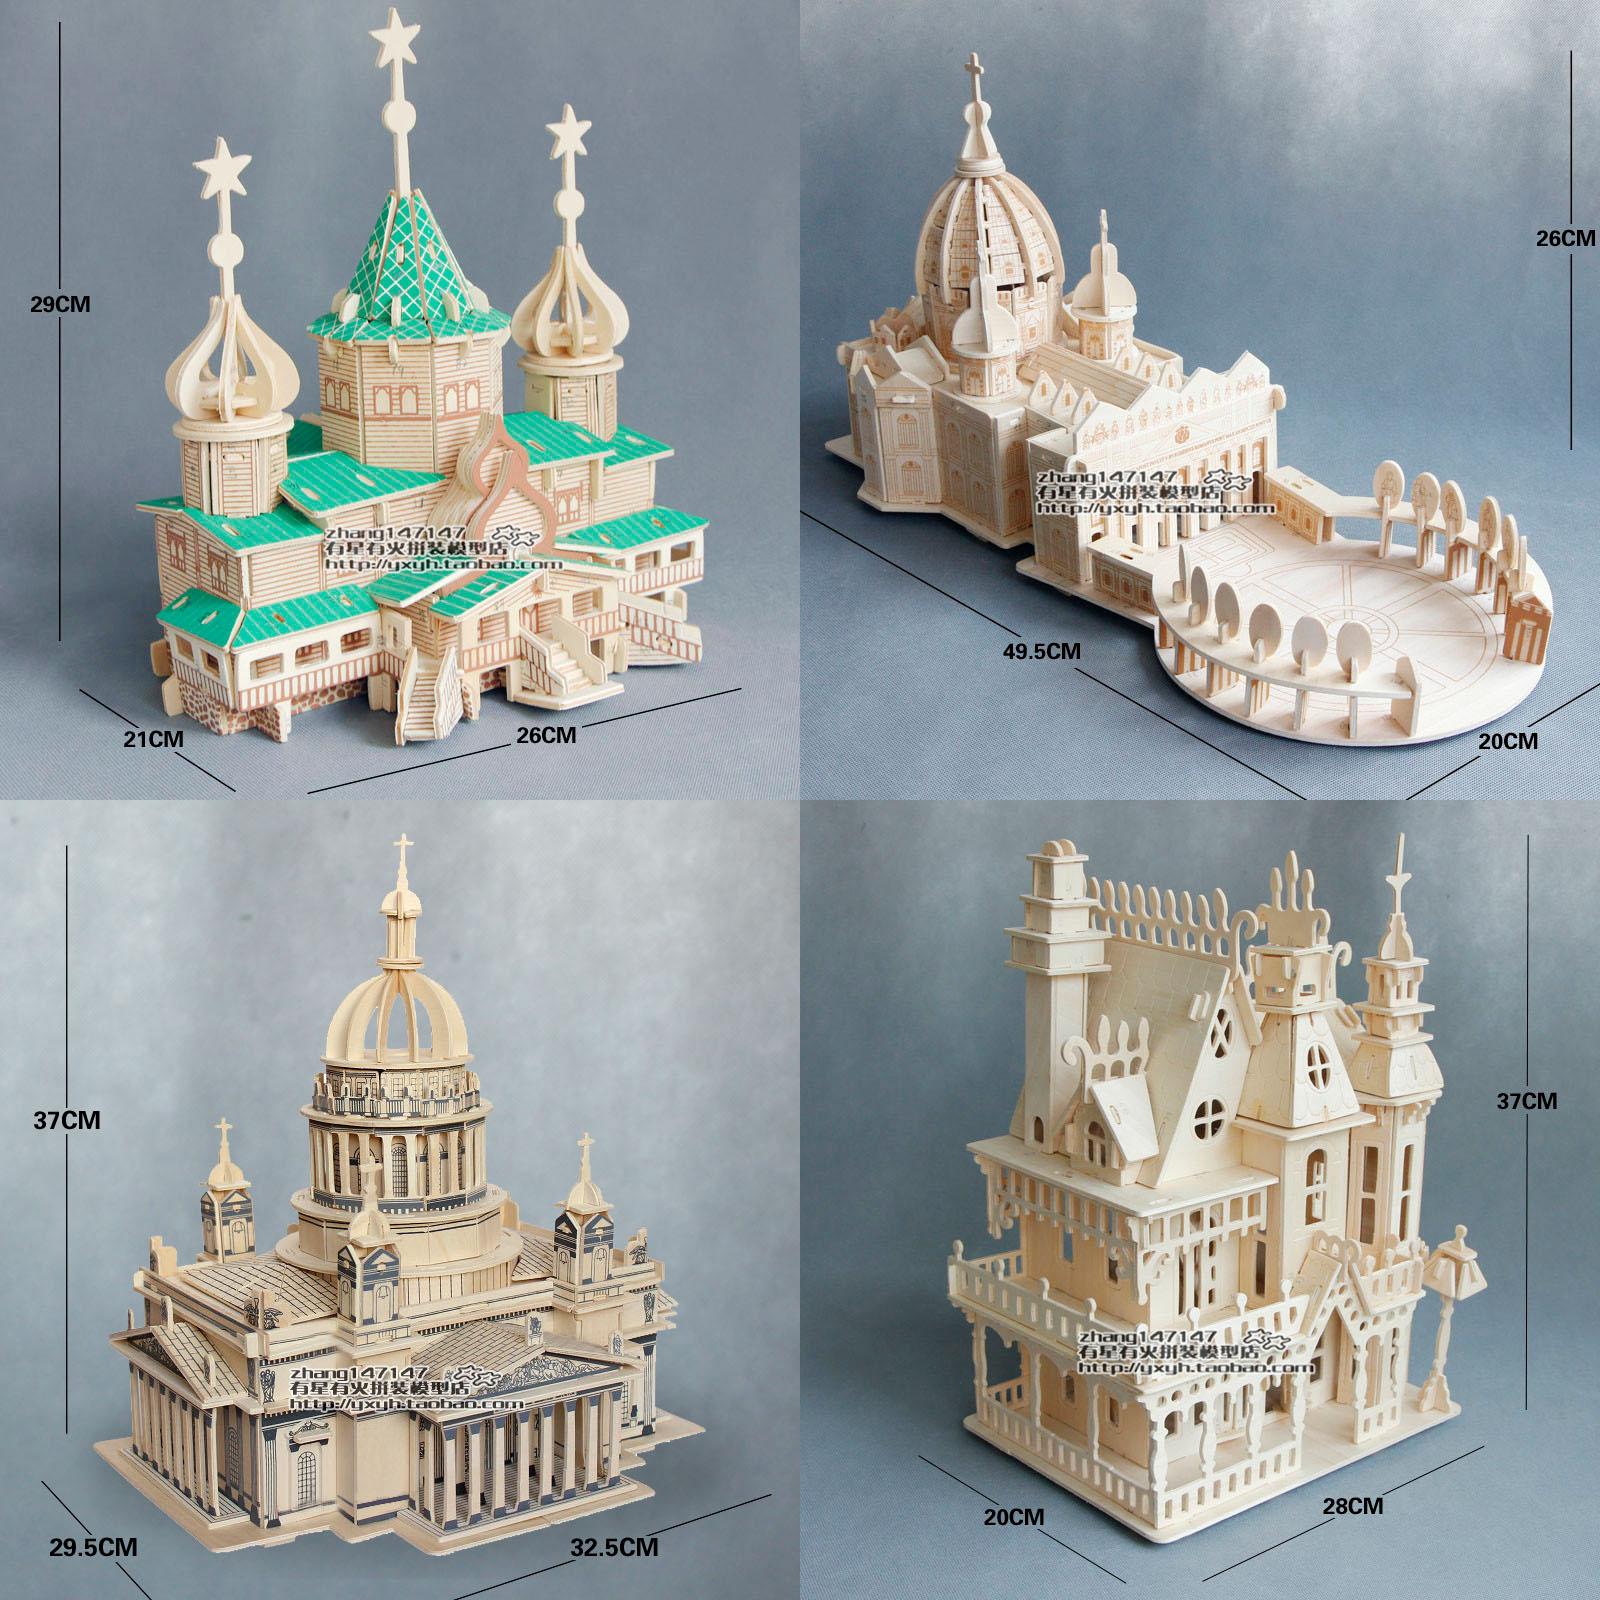 环游手工拼装房子模型别墅玩具男生日礼物送女生闺蜜图片